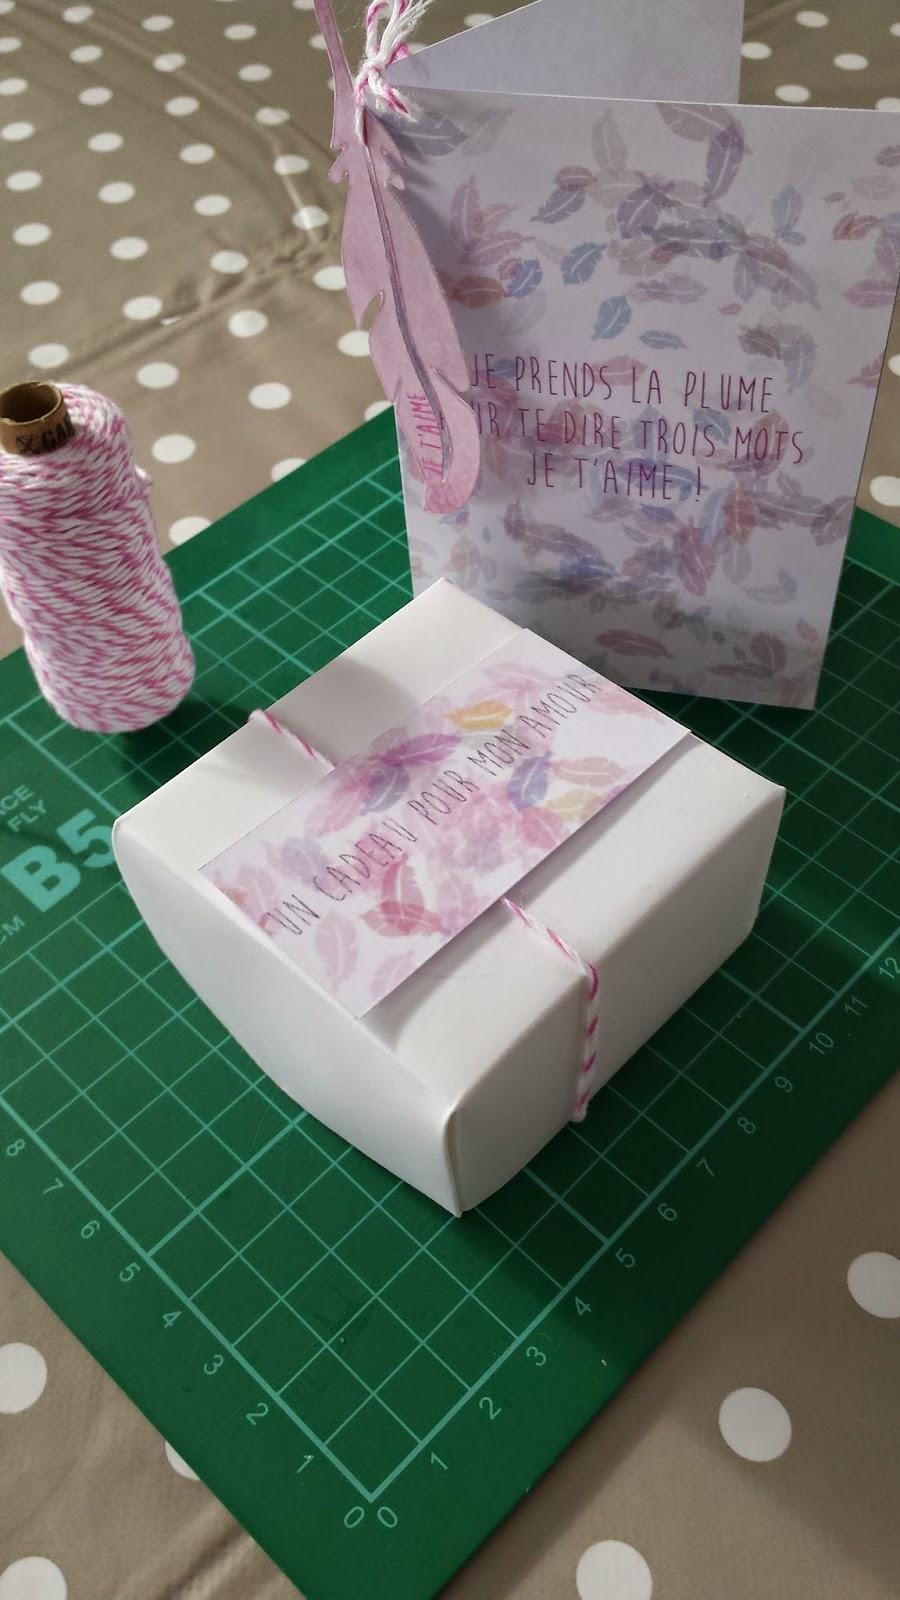 rose de biboun diy saint valentin un cadeau l ger comme une plume free printable inside. Black Bedroom Furniture Sets. Home Design Ideas